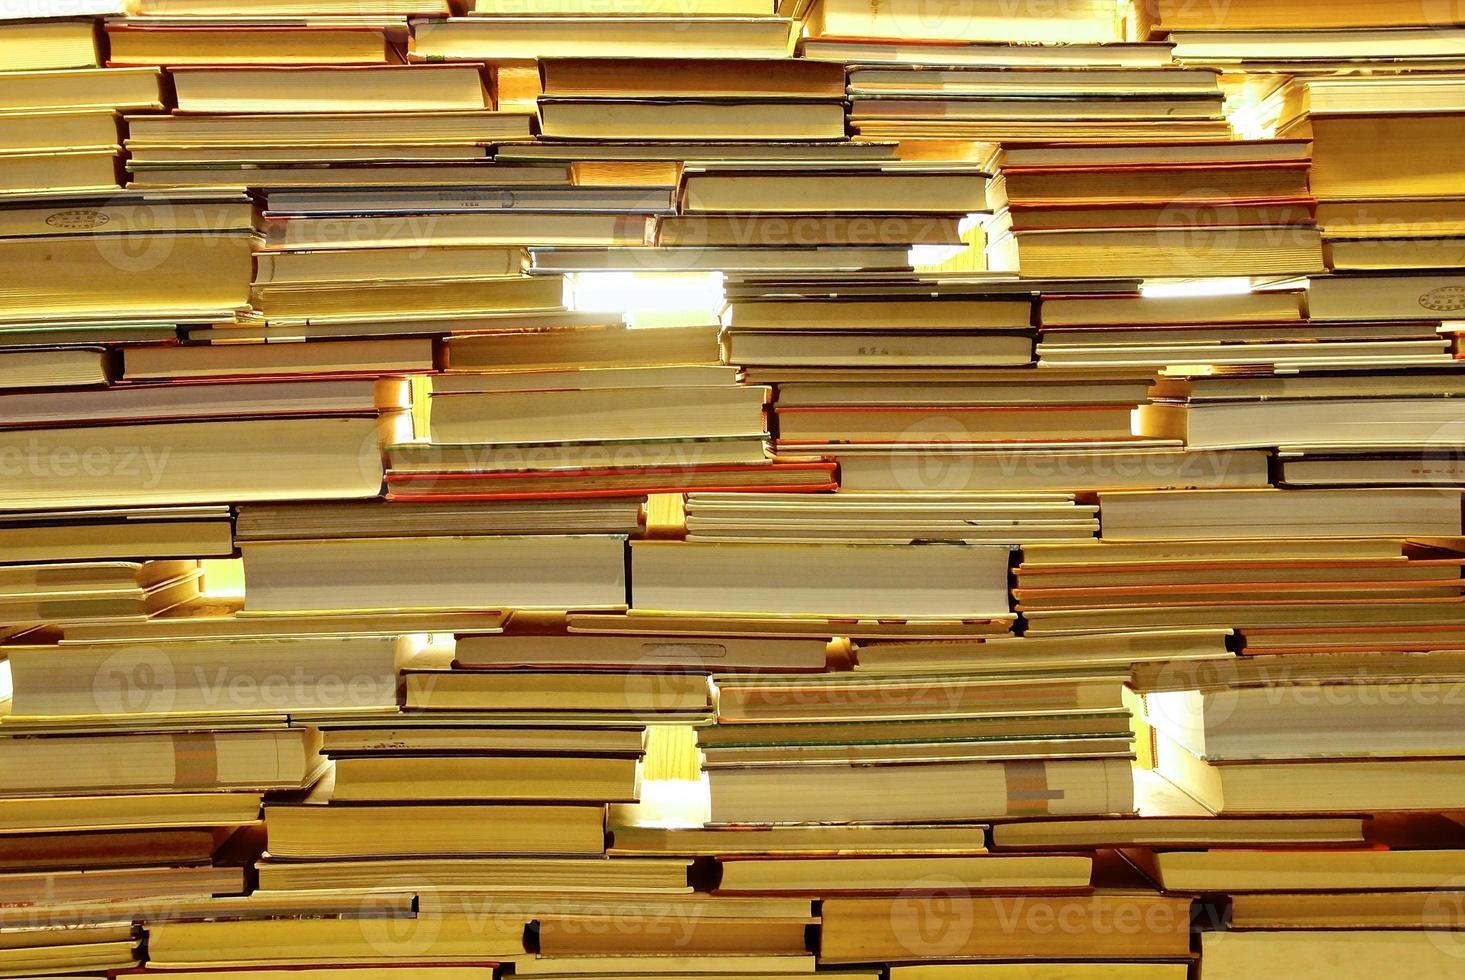 stapels boeken die een muur vormen met doorzichtige gaten foto